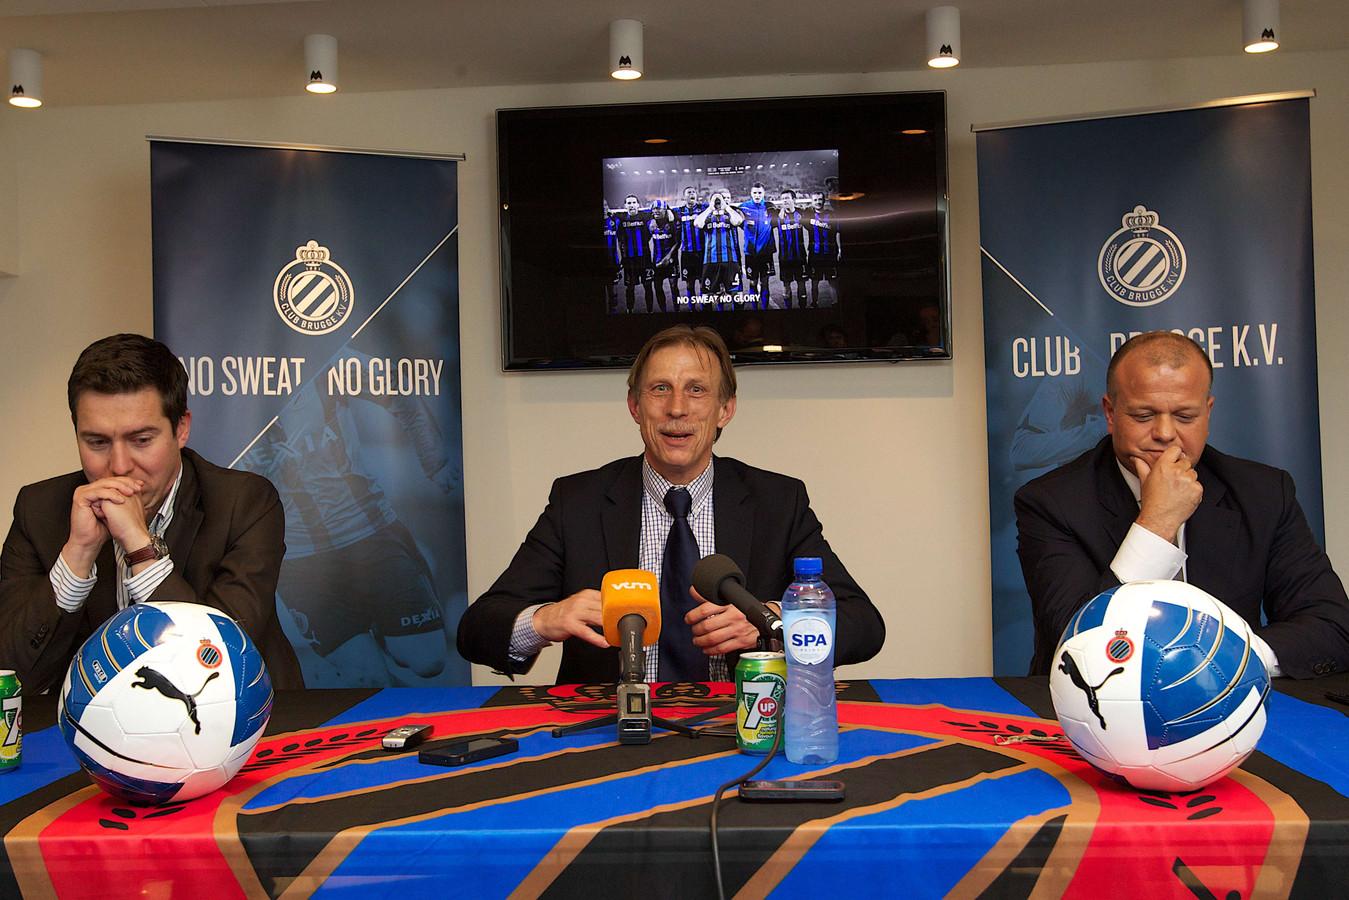 Daum charmeert zijn toehoorders tijdens zijn presentatie bij Club Brugge in 2011, met naast hem algemeen directeur Vincent Mannaert (links) en voorzitter Bart Verhaeghe (rechts).